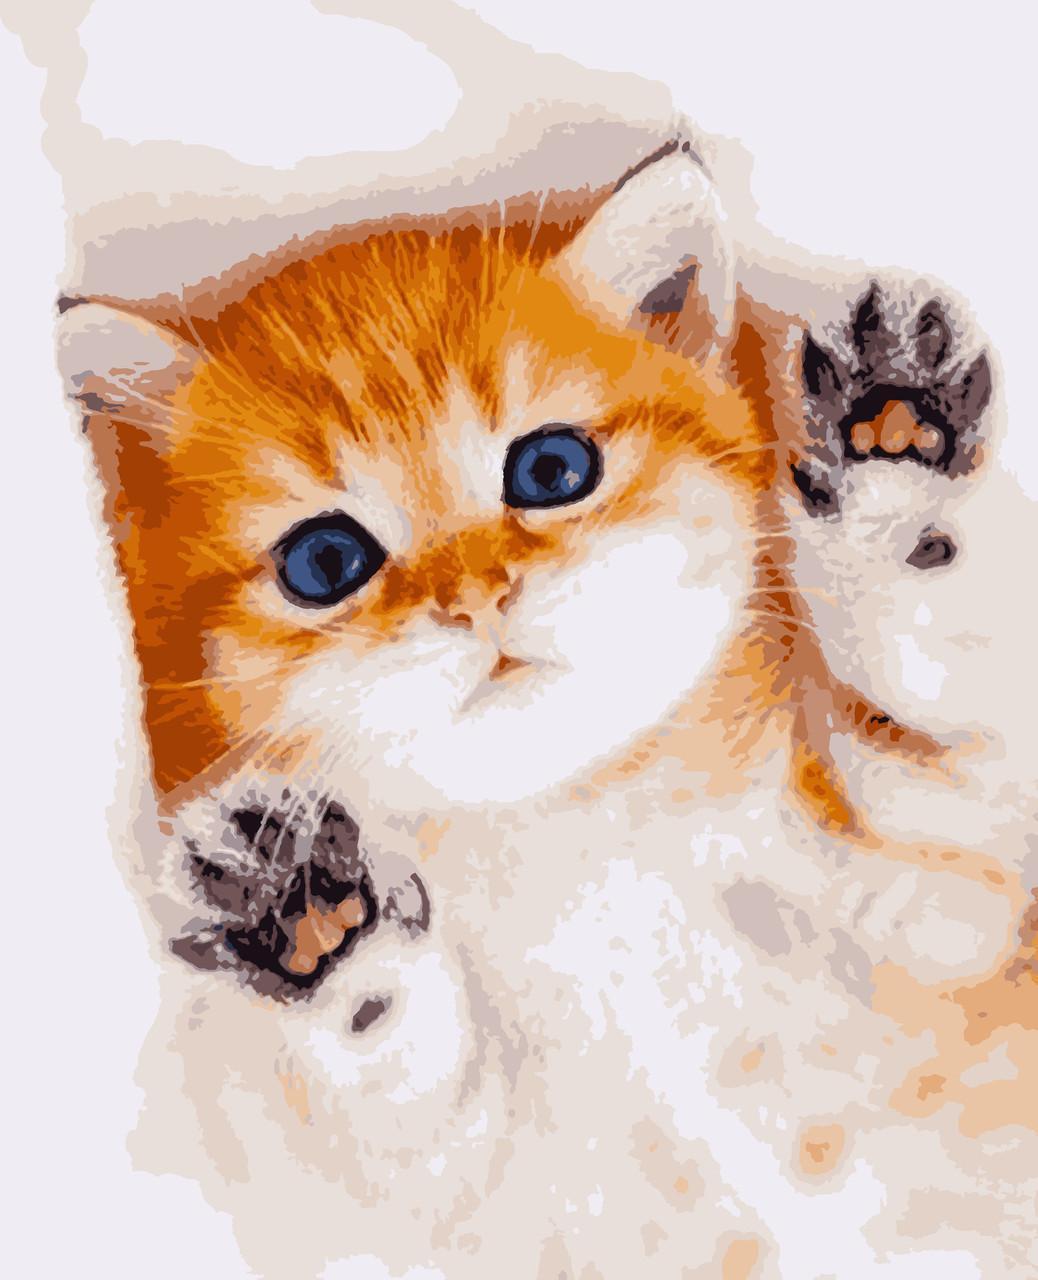 Картина рисование по номерам Пухнаста радість PNX0670 Artissimo 50х60см розпис за номерами набір, фарби,